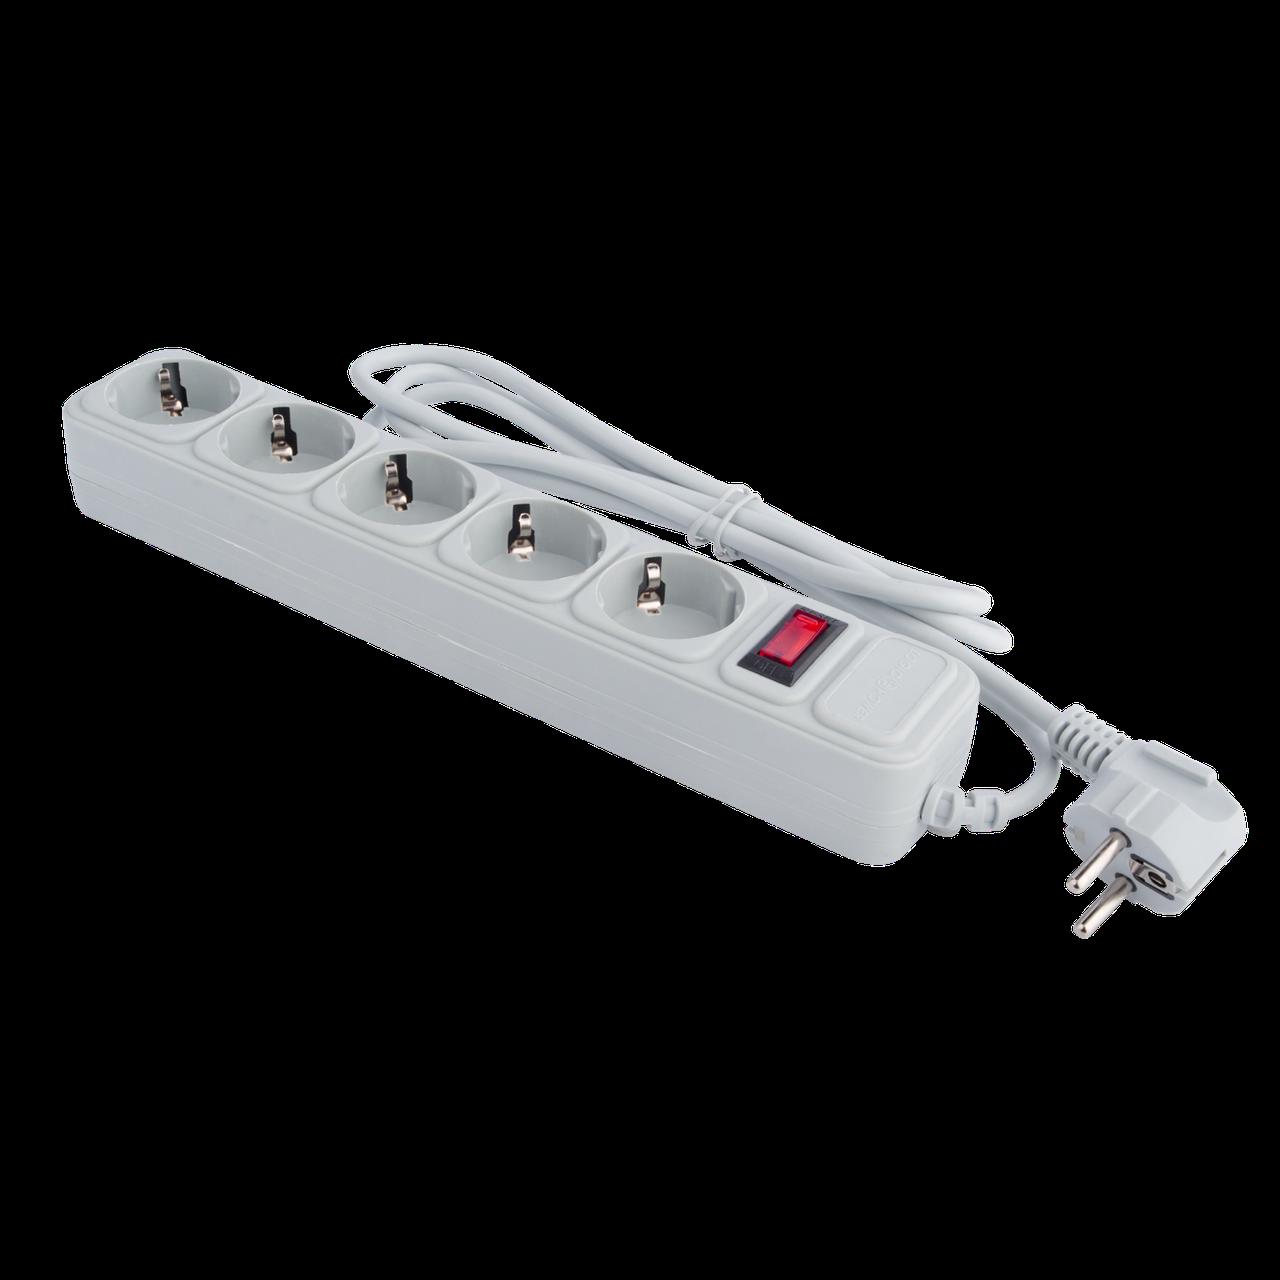 Сетевой электрический фильтр - удлинитель 5 розеток 1,8 м LP-X5, серый